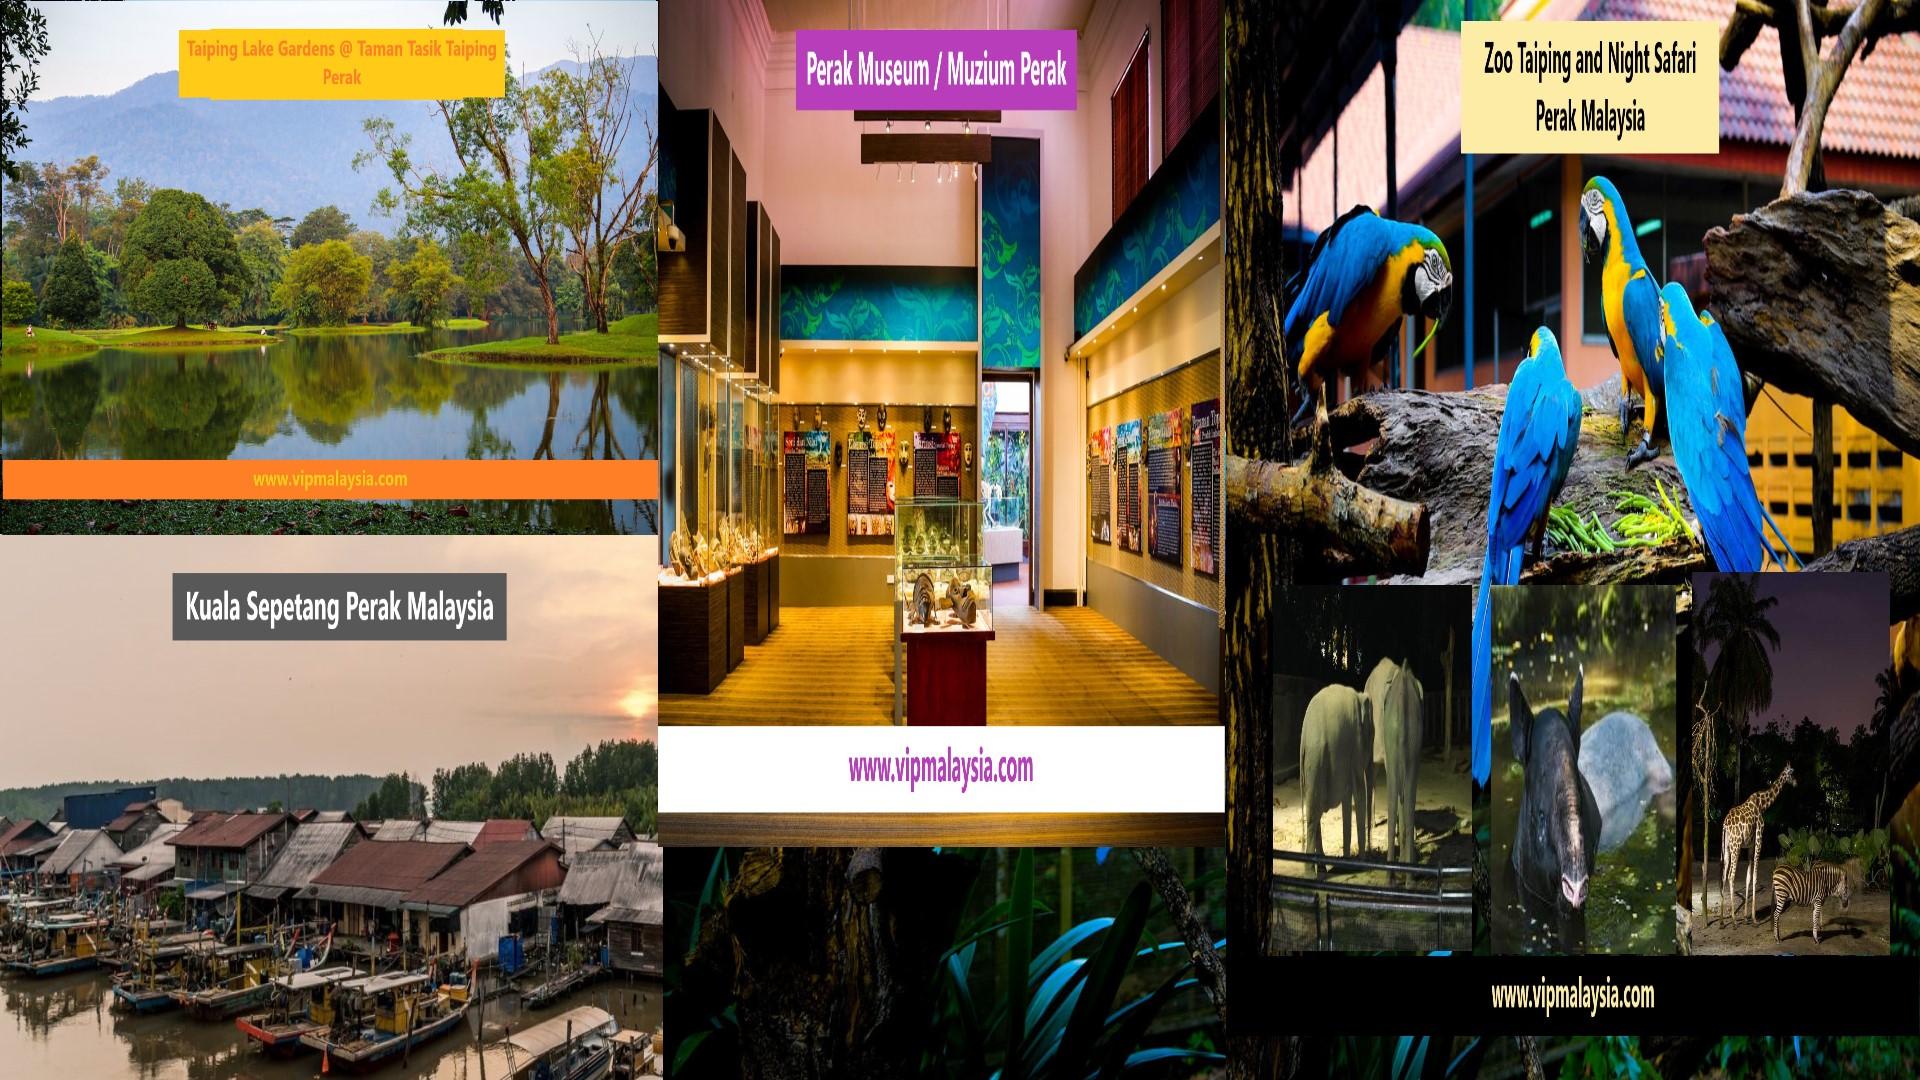 Visit Taiping Perak Malaysia